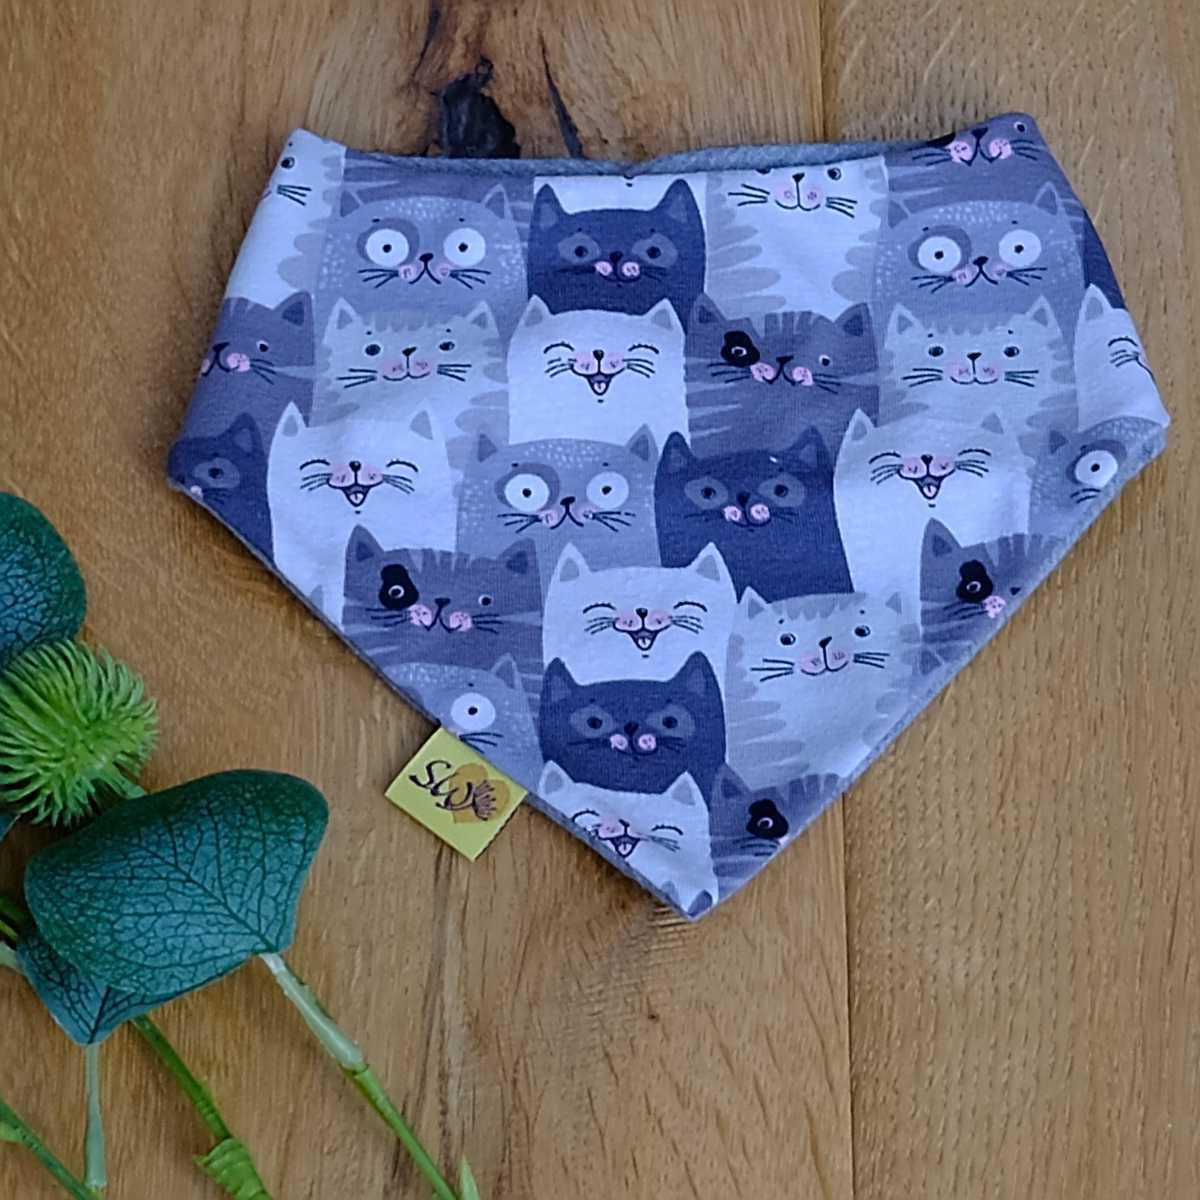 """niedliches und praktisches Wende-Halstuch für Babys und Kleinkinder mit Druckknopf - Muster """"Katzen - Cool Cats"""" Rückseite grau"""